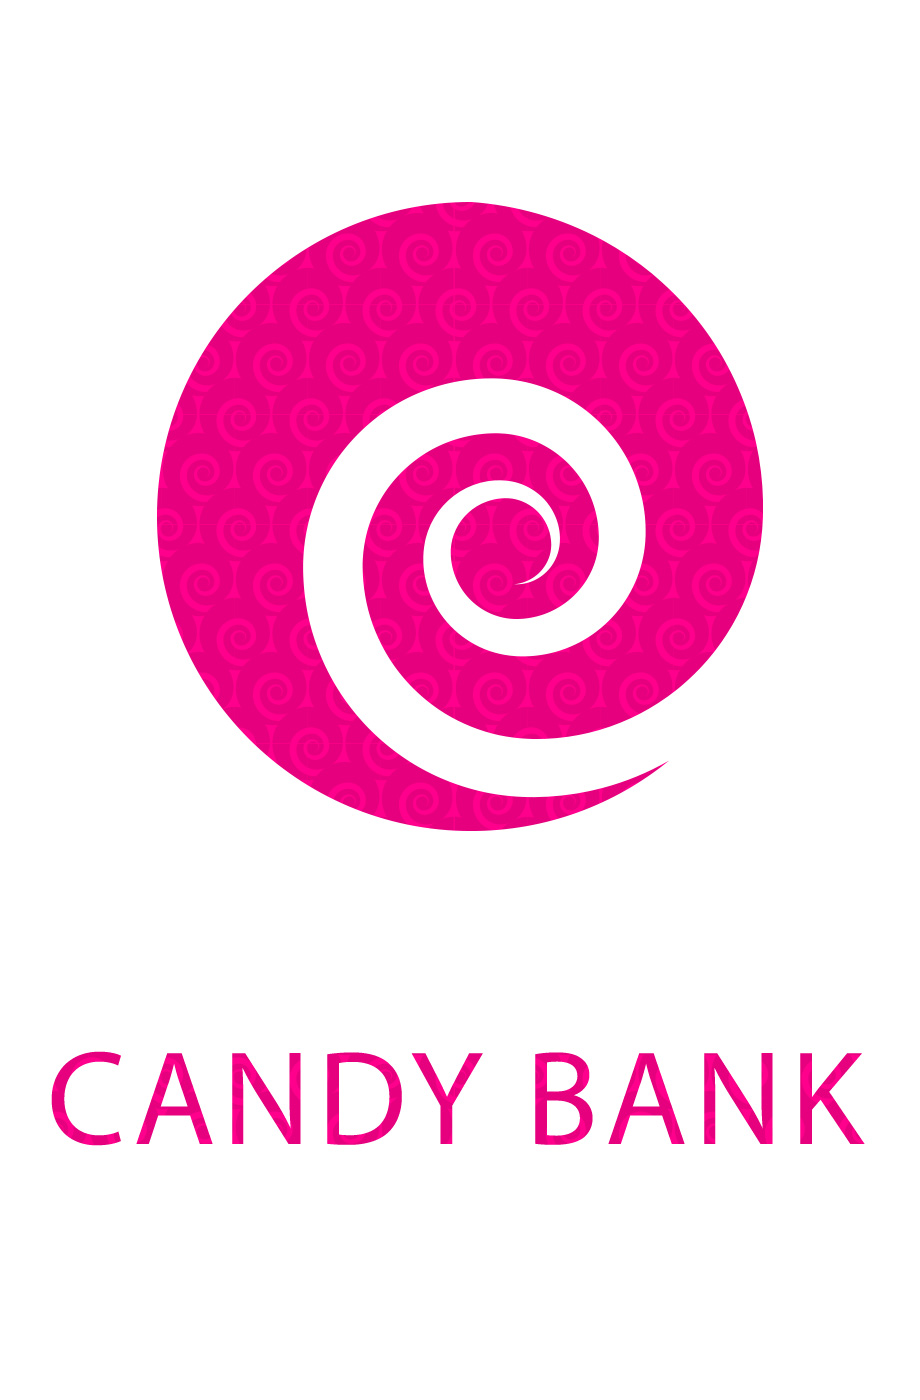 Логотип для международного банка фото f_3555d6afdd637471.jpg